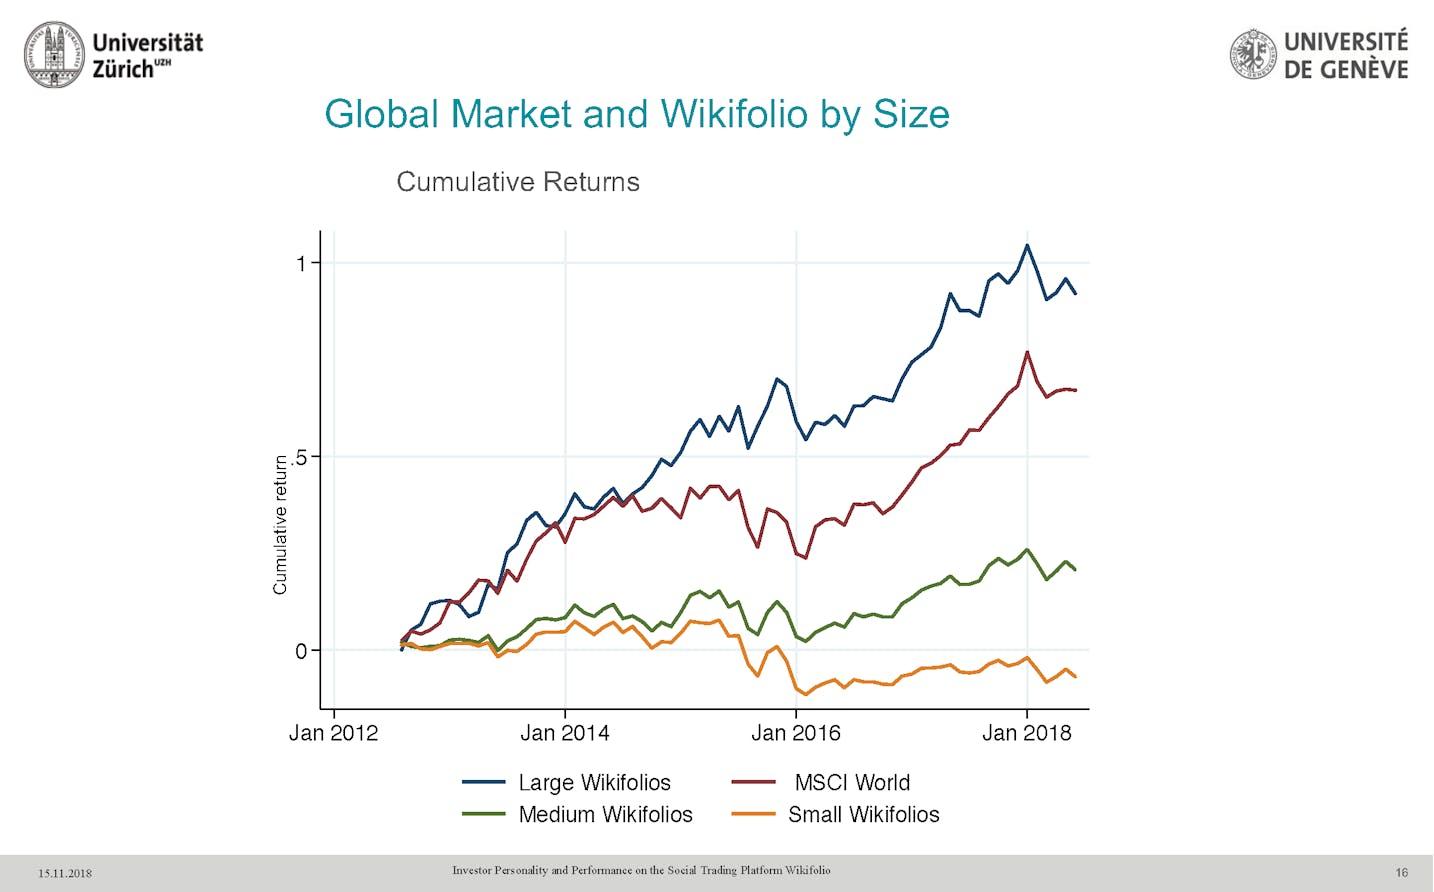 kumulierten-rendite-wikifolio-zertifikaten-und-dem-MSCI-world-vergleich